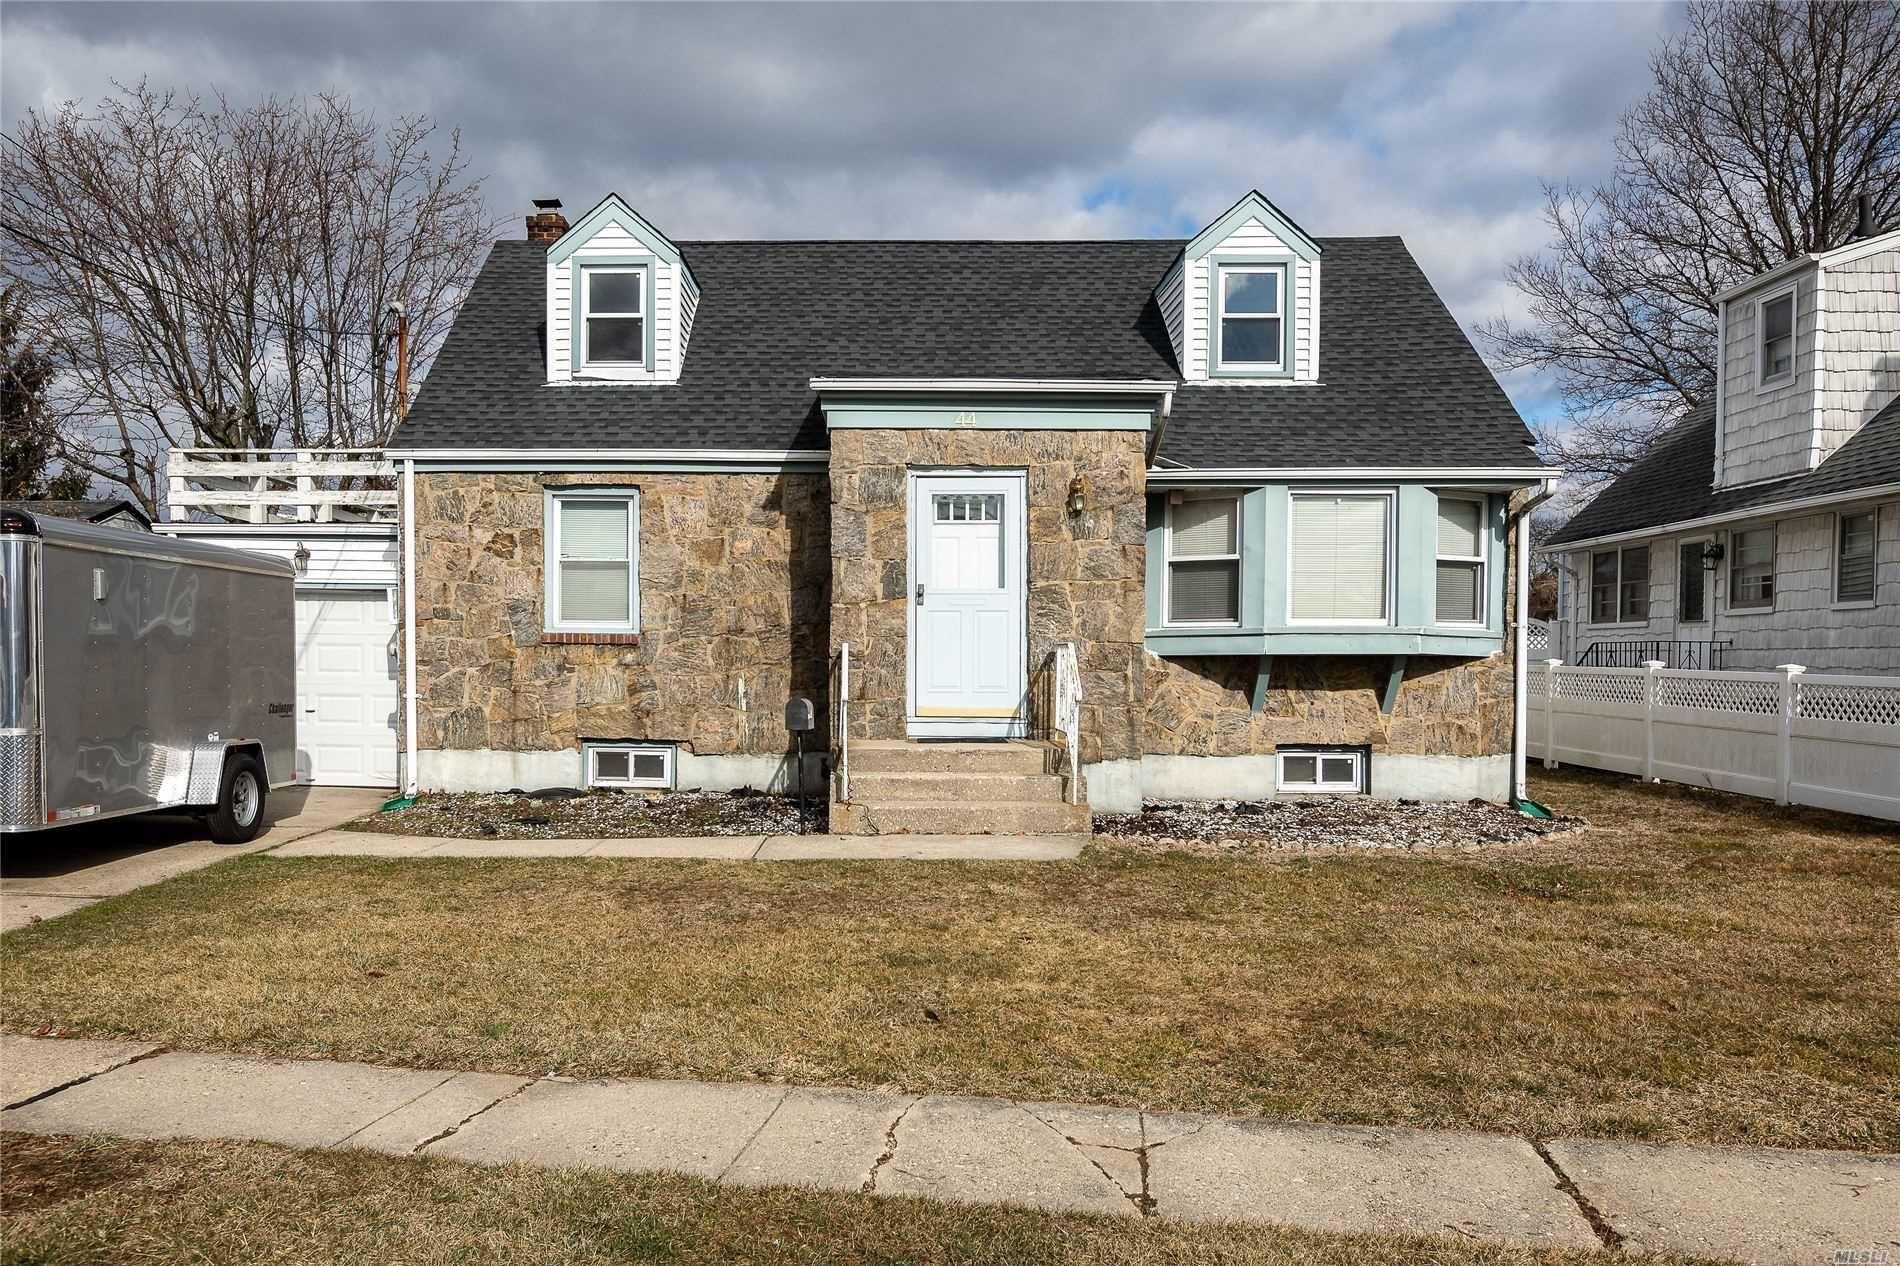 44 Roosevelt Drive, Bethpage, NY 11714 - MLS#: 3203566